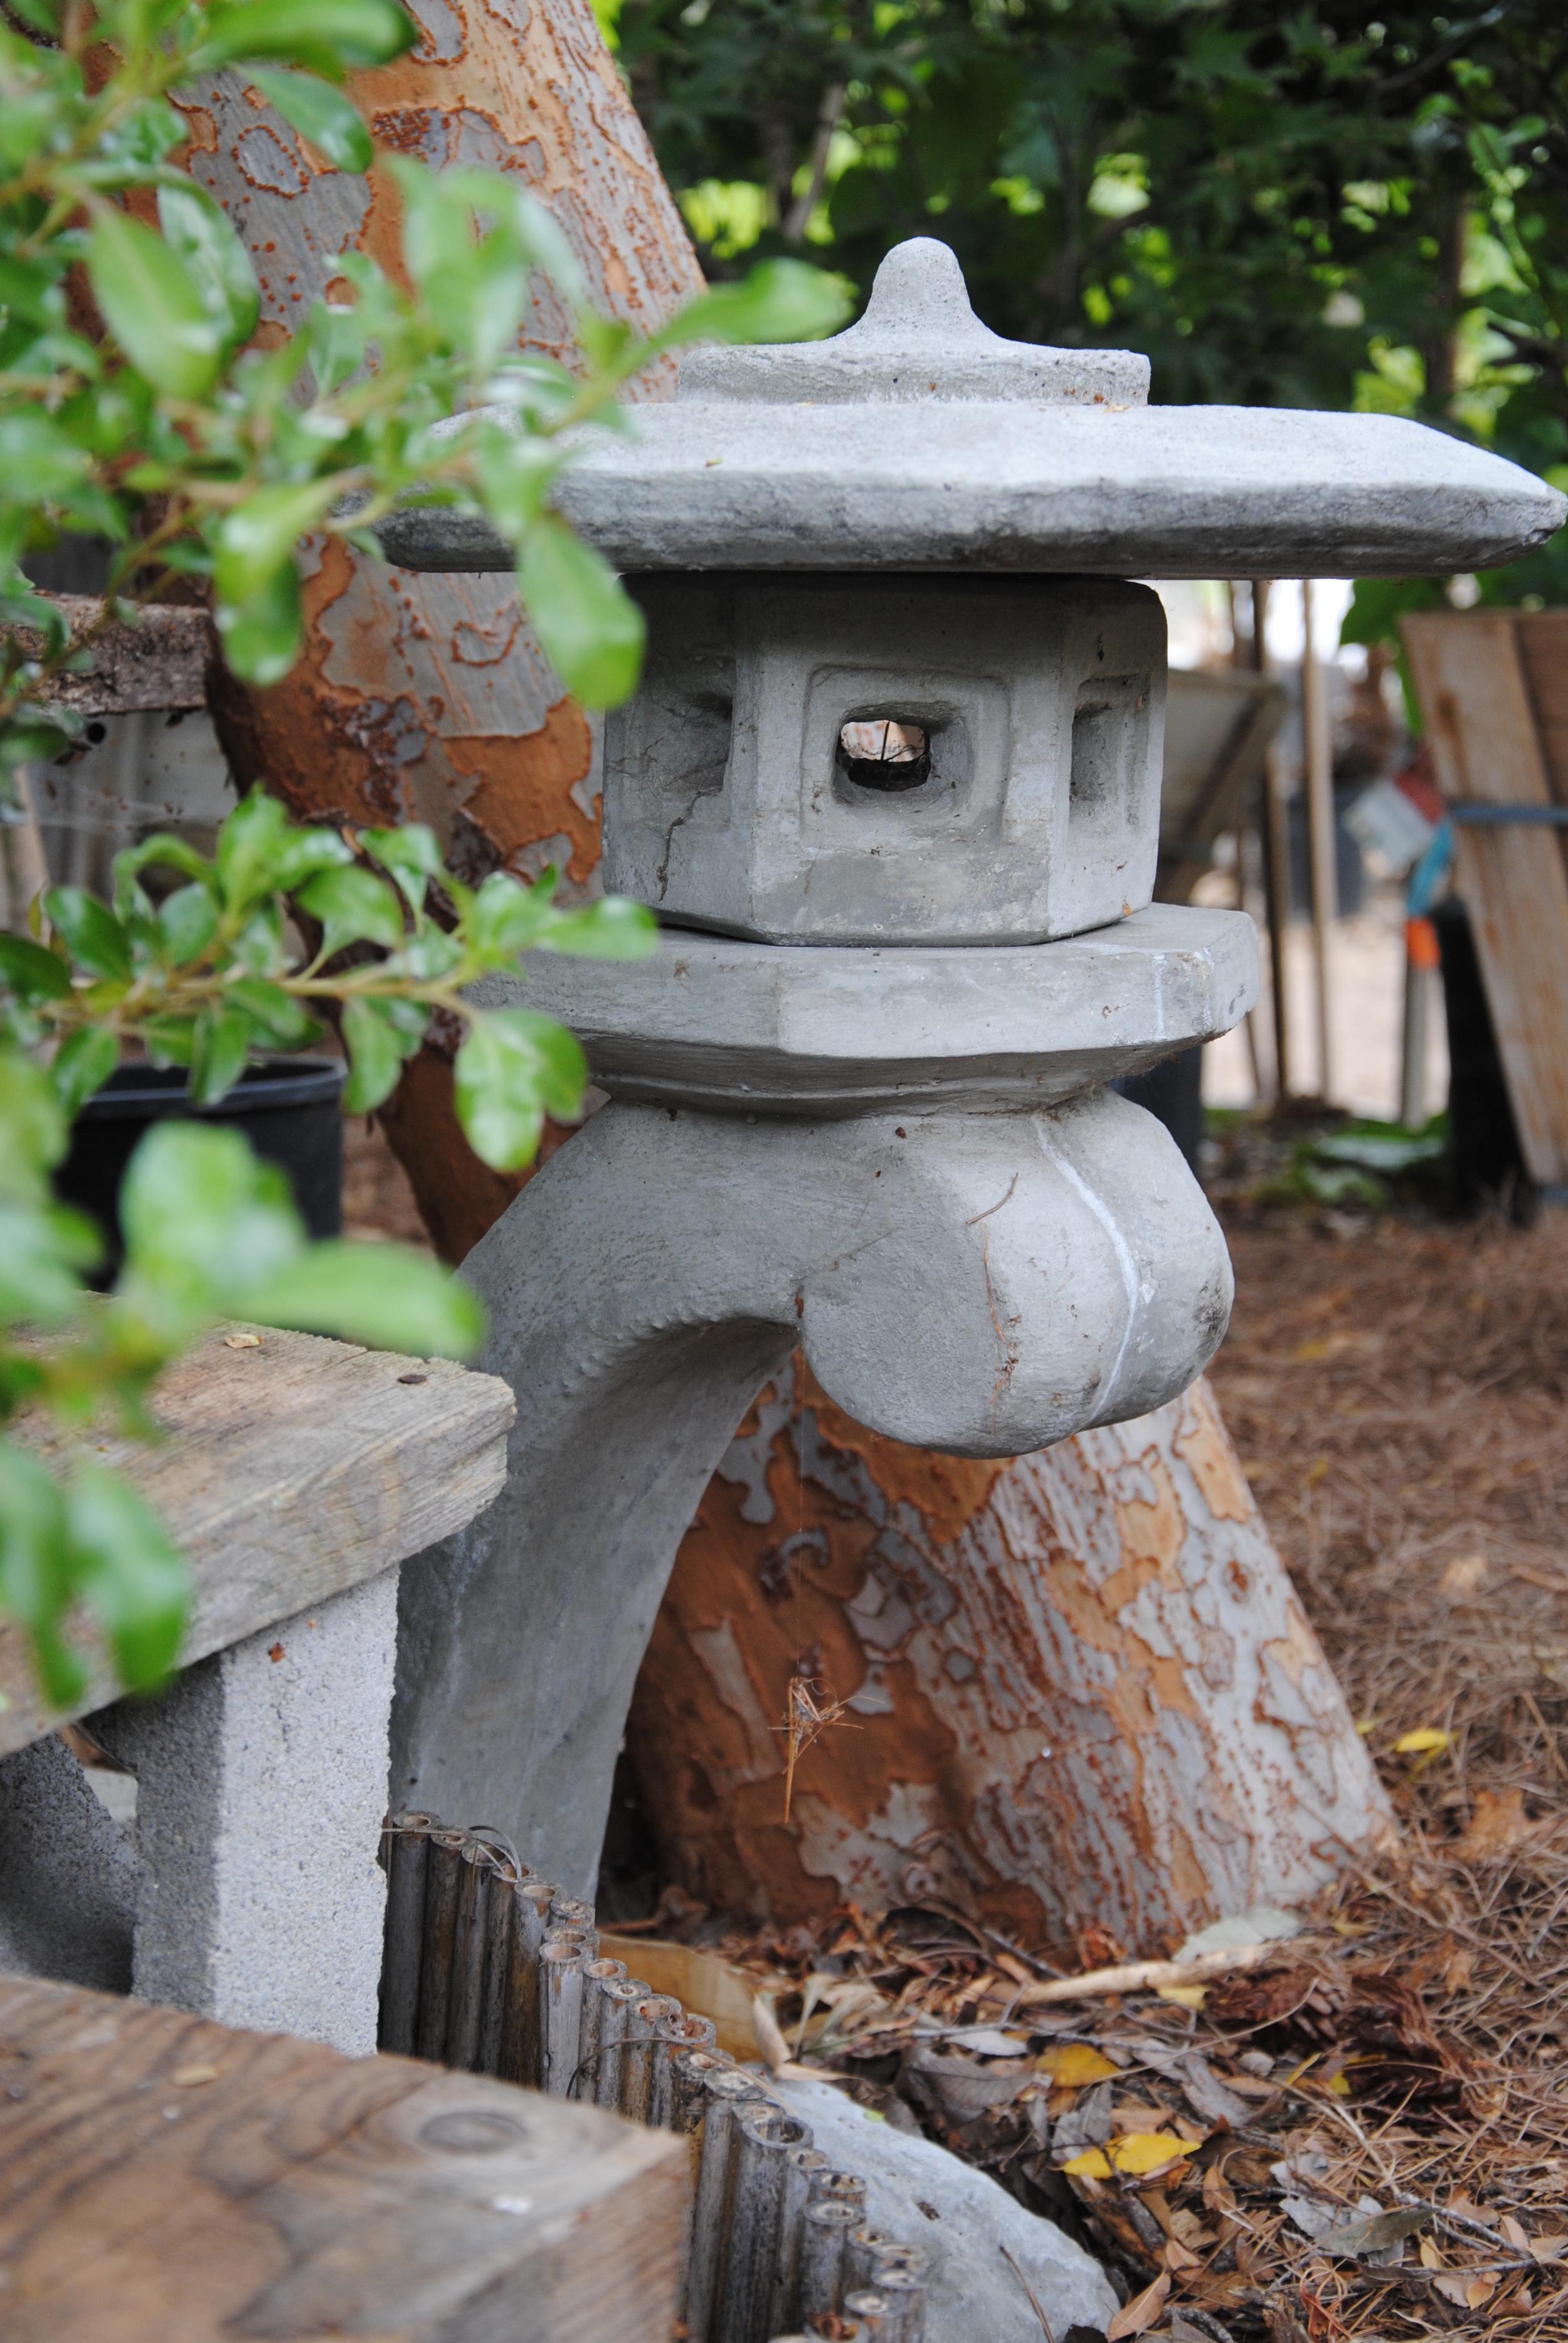 japanese-style-garden-accessories.JPG